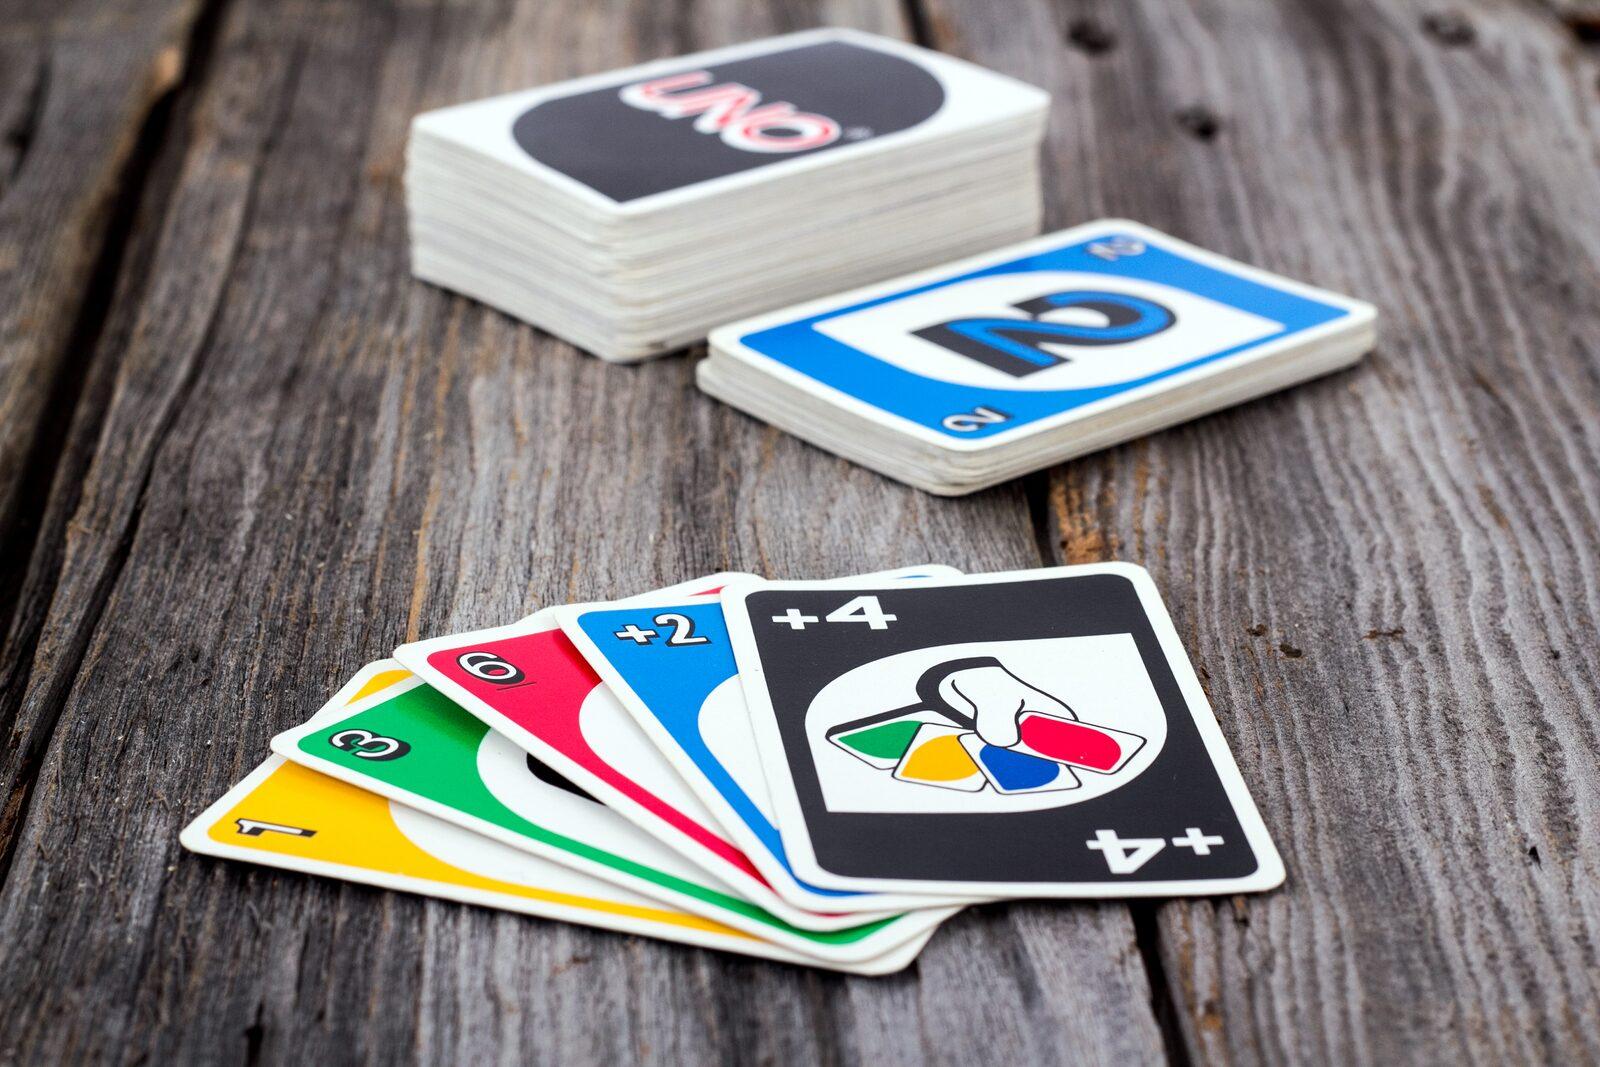 uno kaartspel spel spelletje kaarten